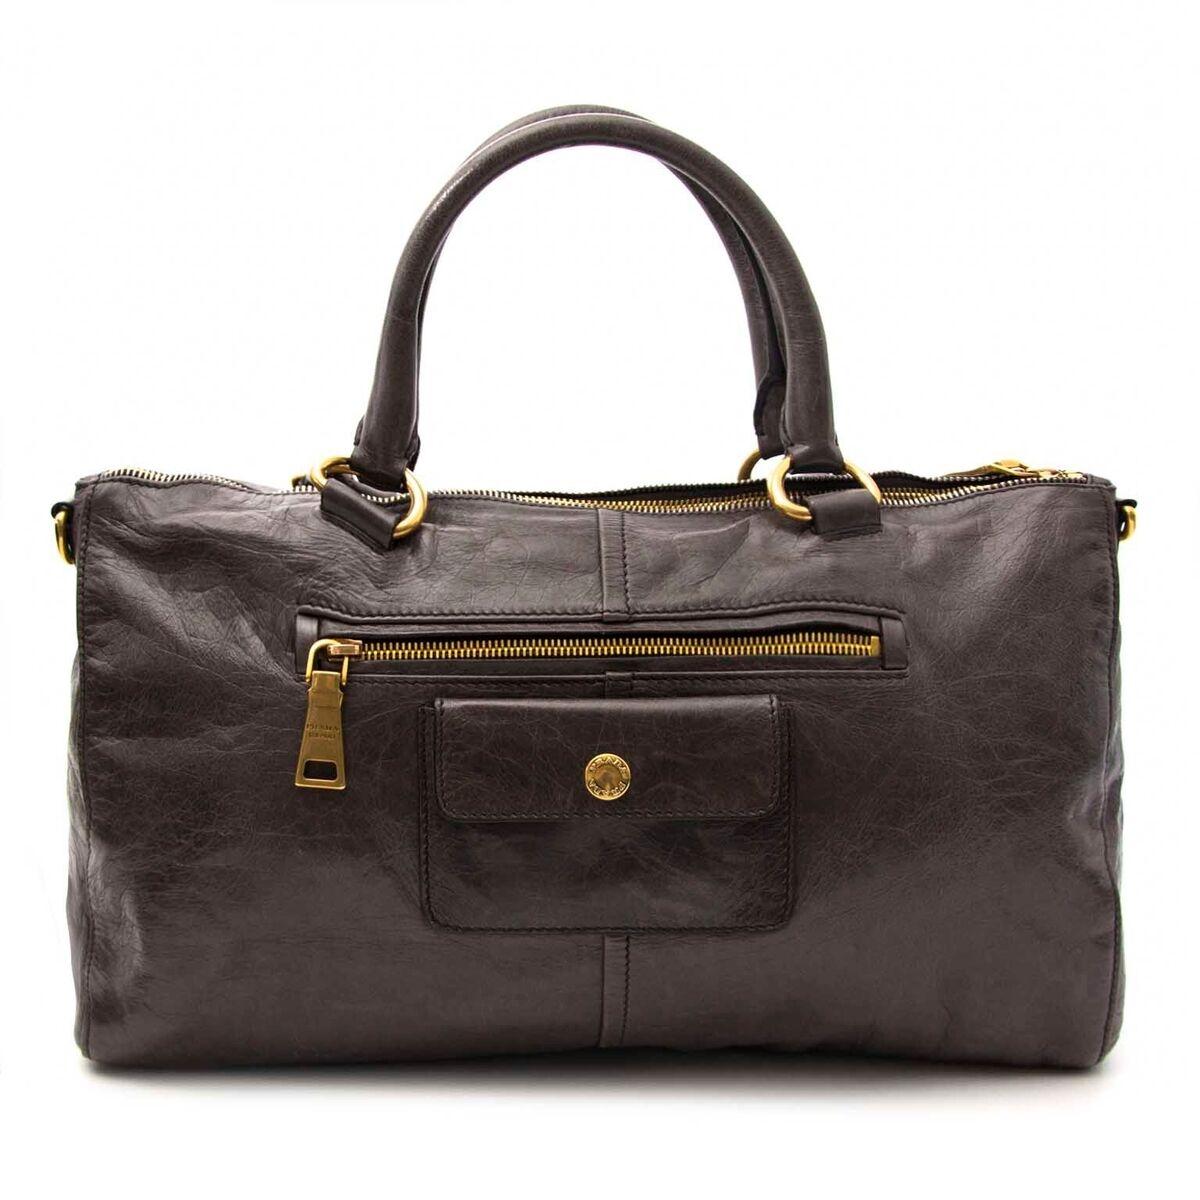 Koop authentieke tweedehands Prada tassen aan een eerlijke prijs bij LabelLOV. Veilig online shoppen.